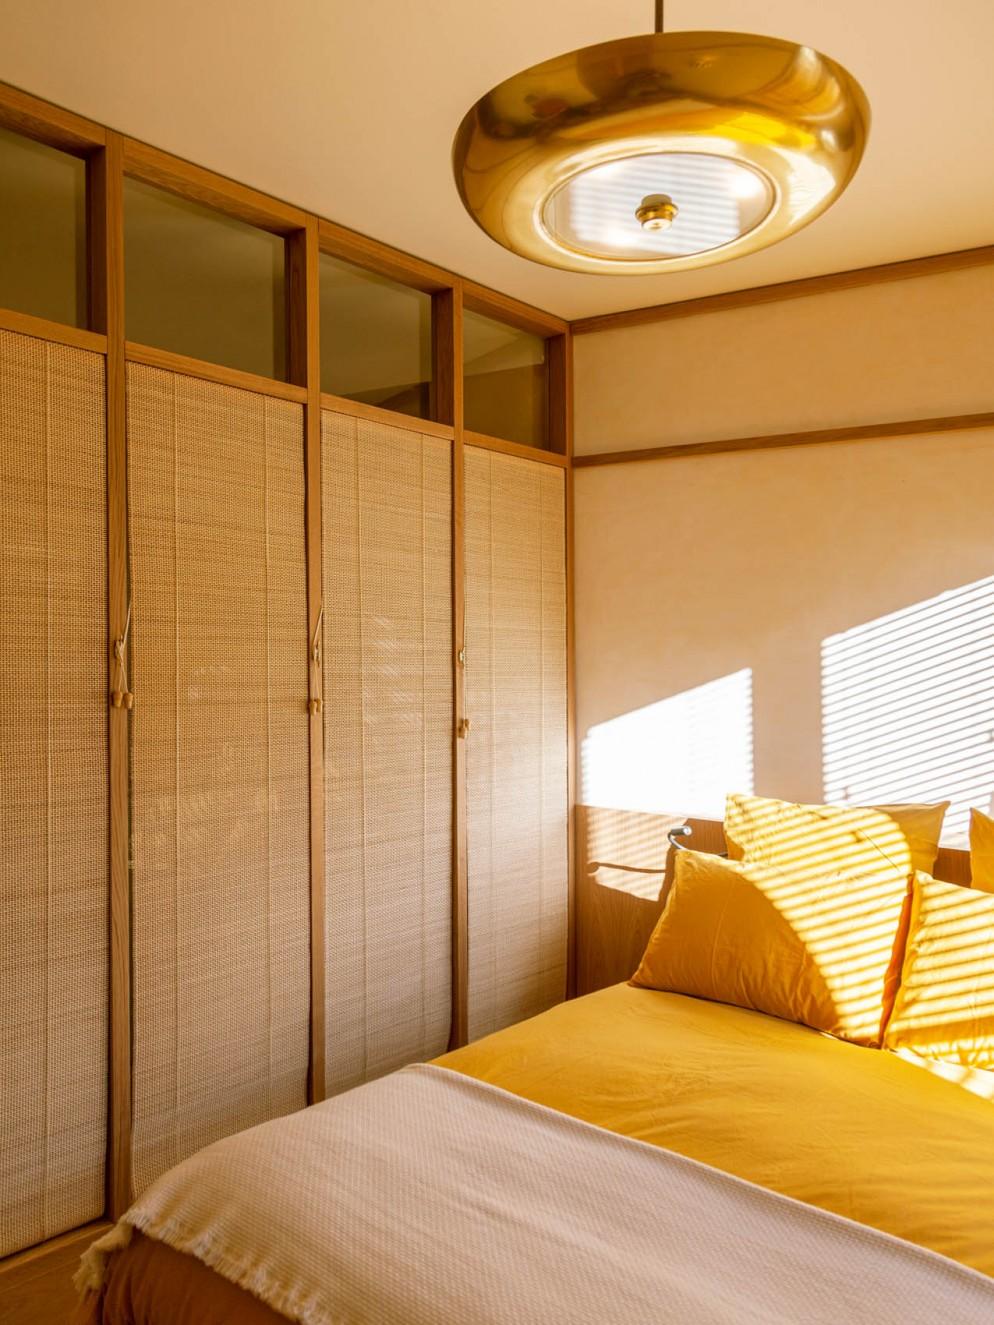 casa-progetto-toro-and-liutard-architetti-Toro-and-liautard06